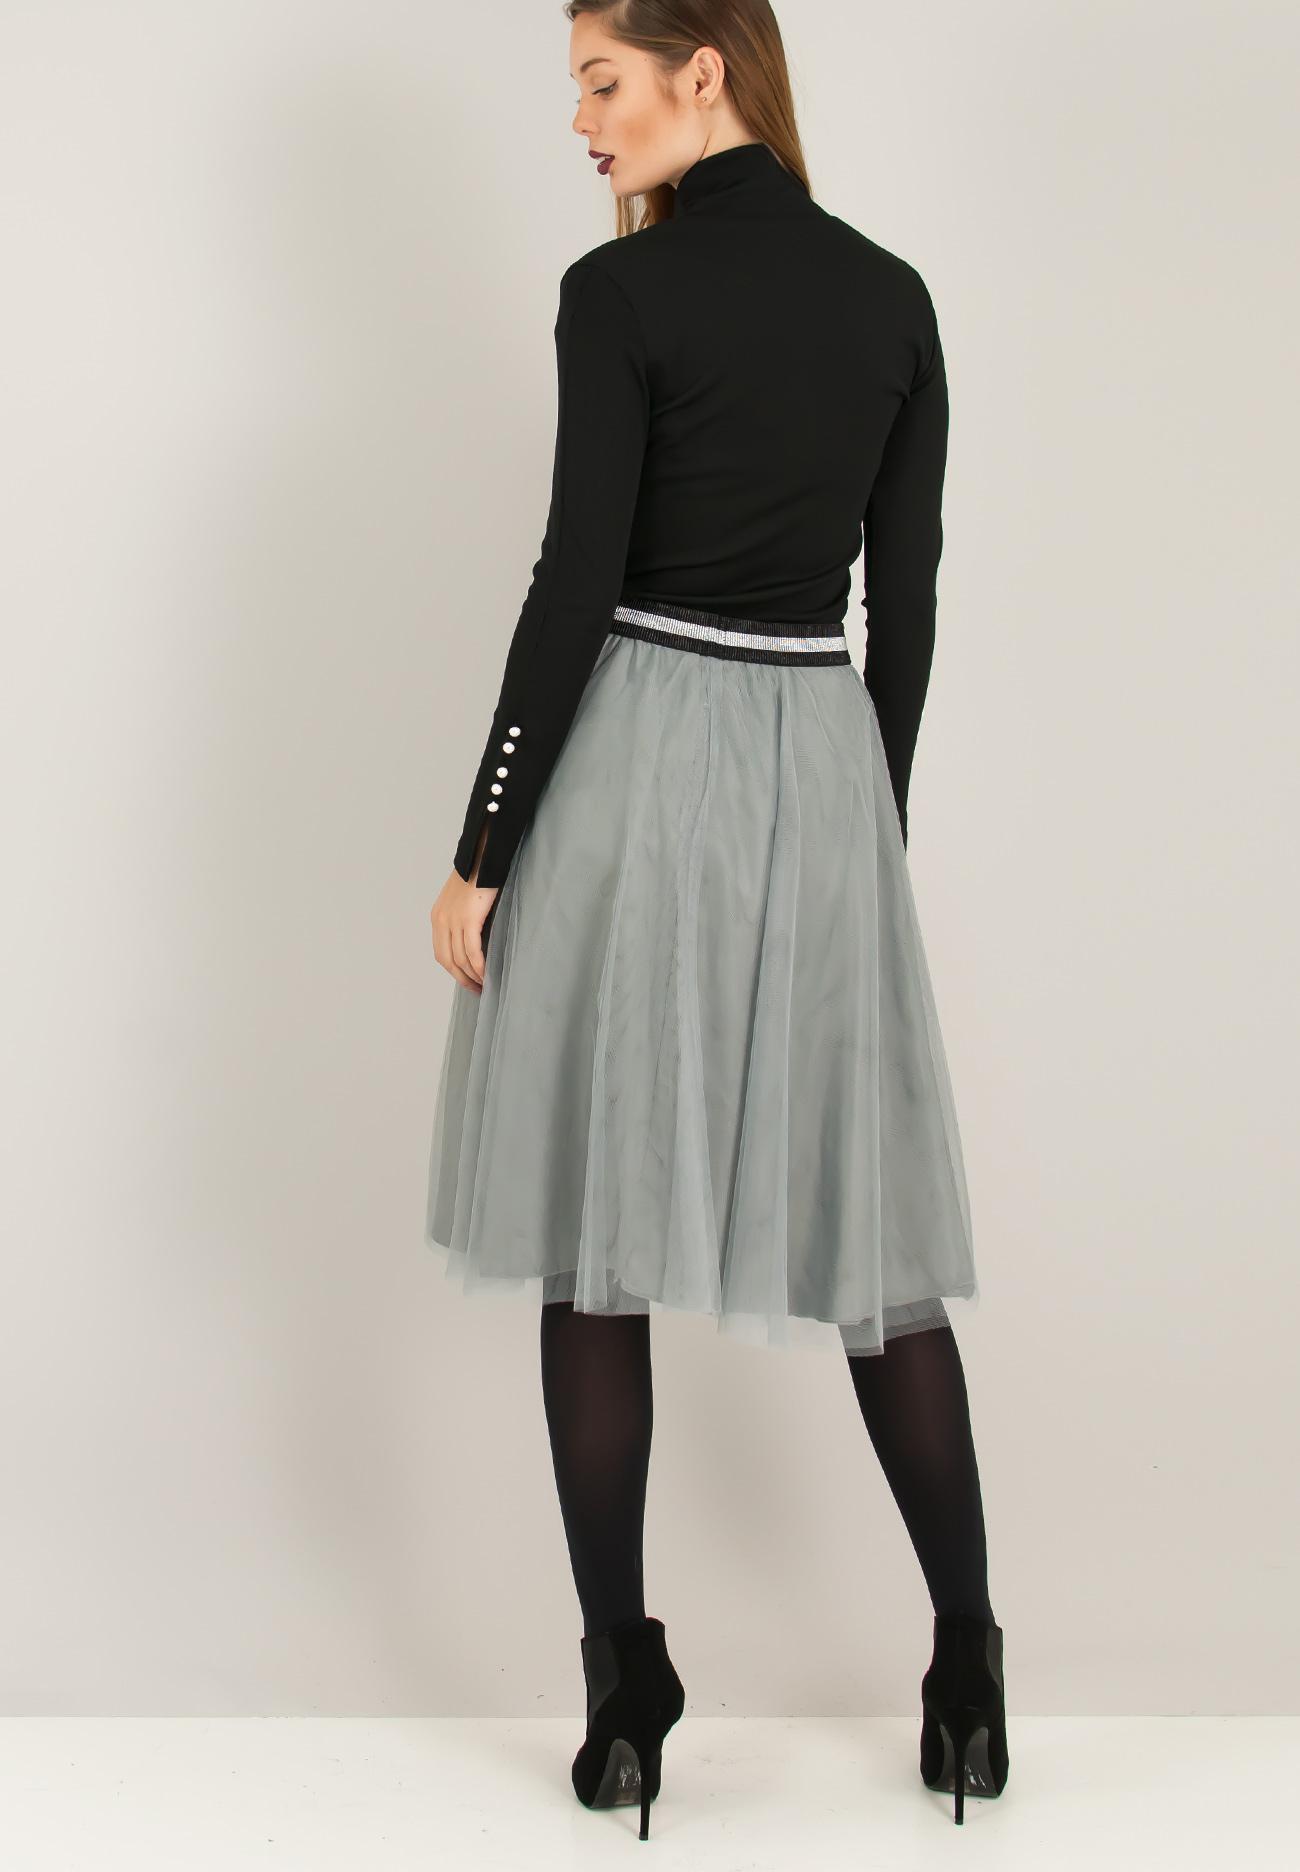 Μίνι τούλινη φούστα με λάστιχο στη μέση - ZIC ZAC 7a976b3bbc8